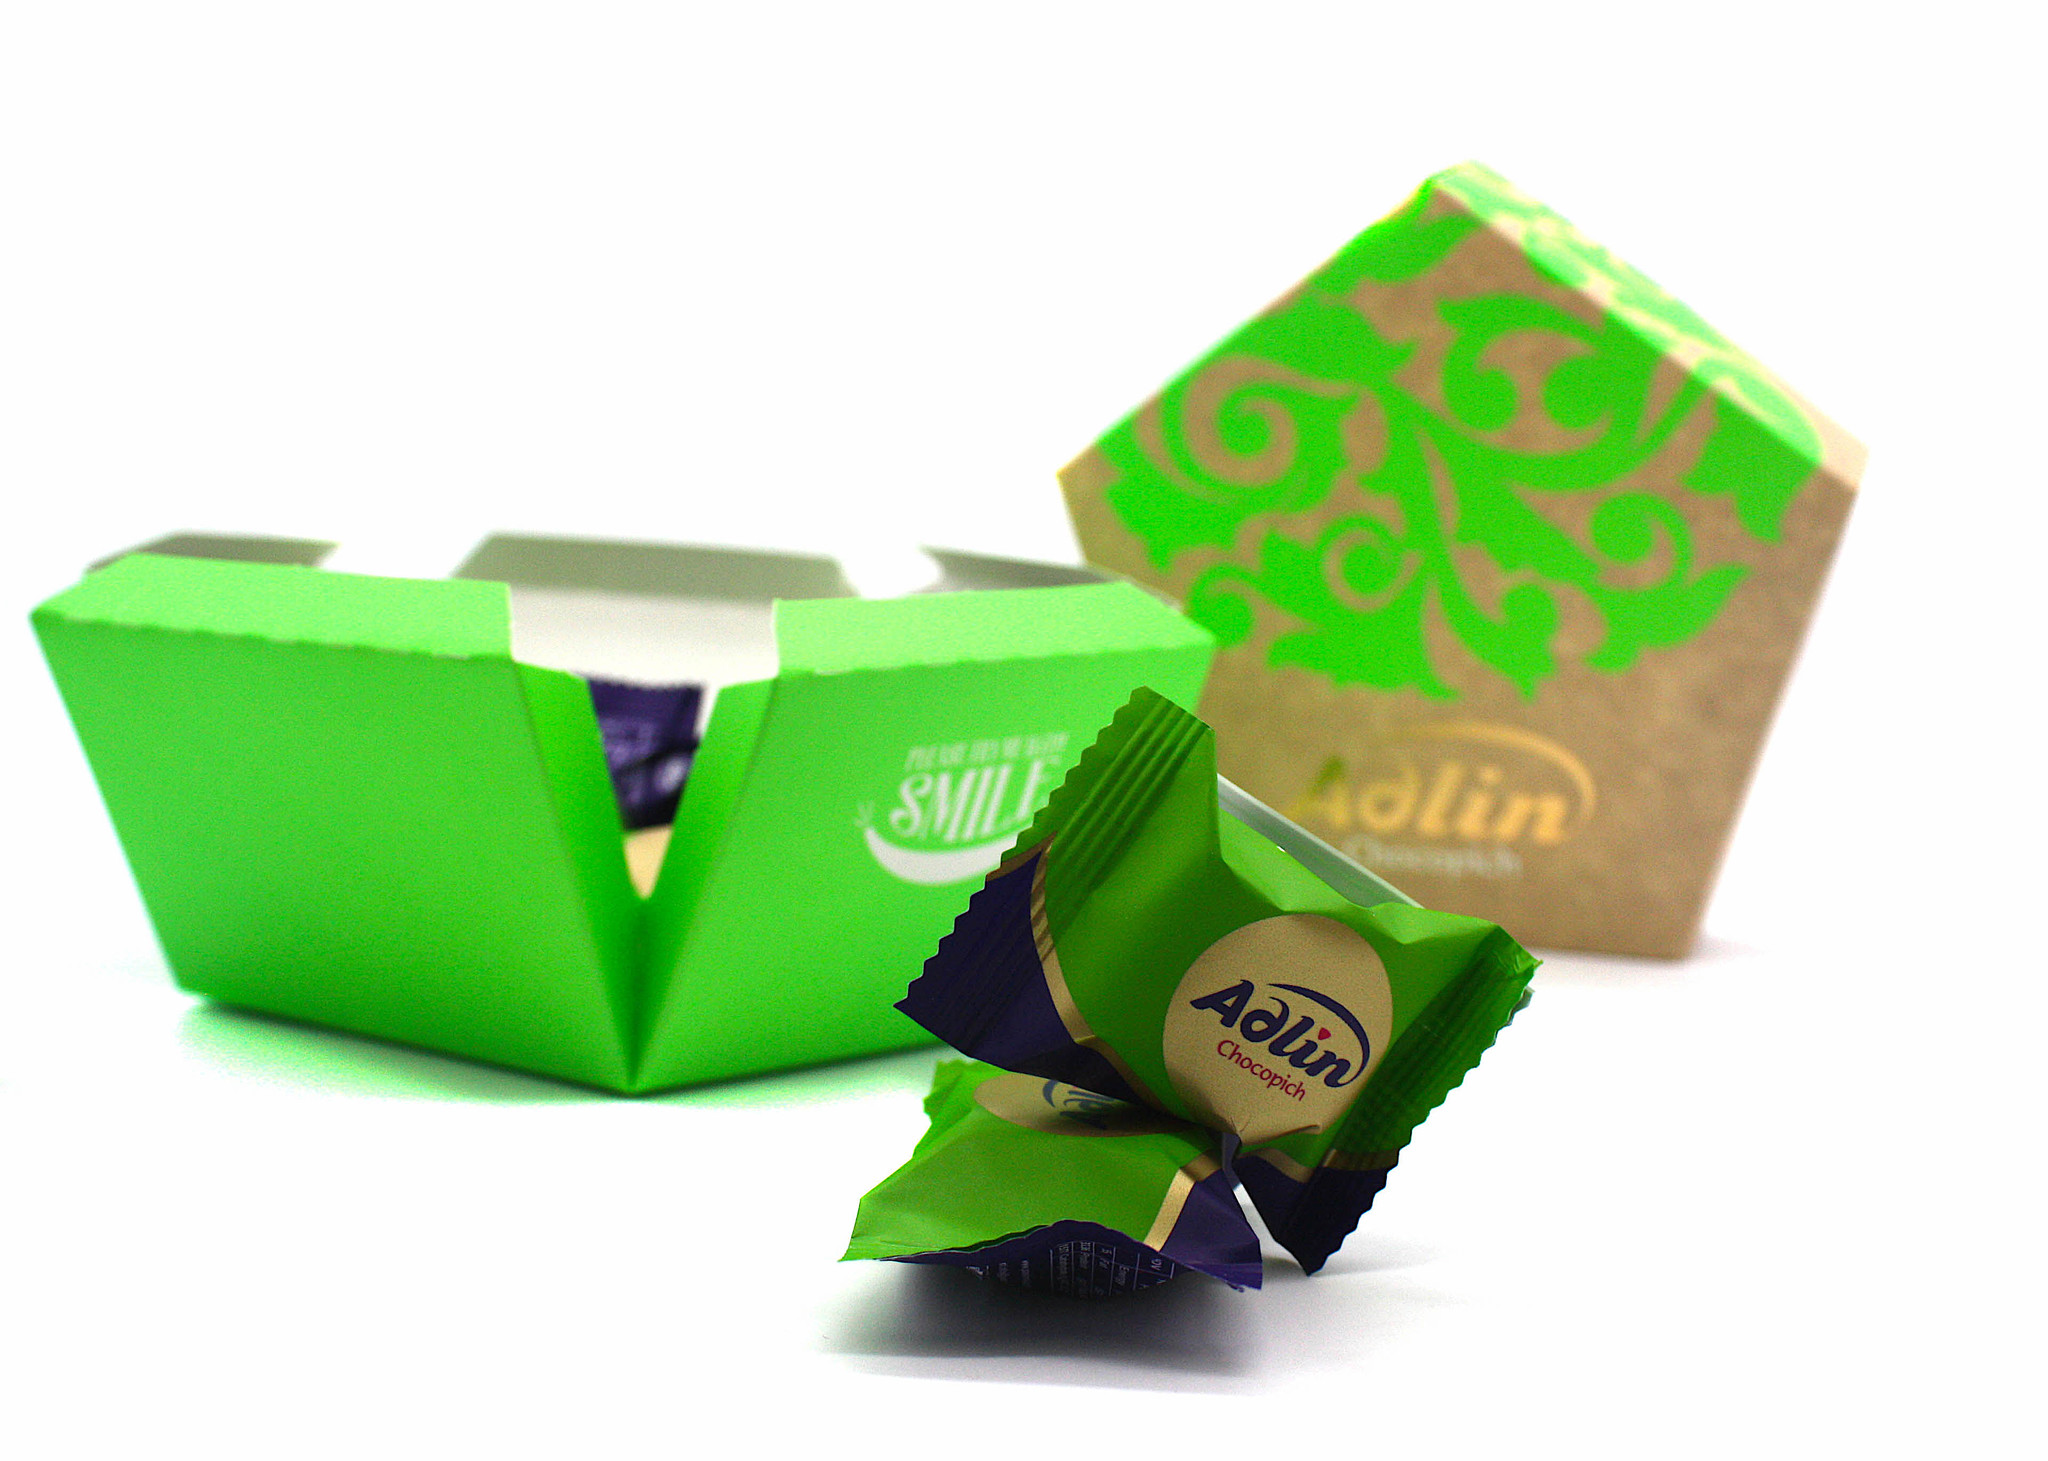 Пишмание со вкусом фундука в шоколадной глазури, Adlin, 150 г import_files_a2_a2b1acaef24f11e8a9a1484d7ecee297_9266c15df95711e8a9a1484d7ecee297.jpg